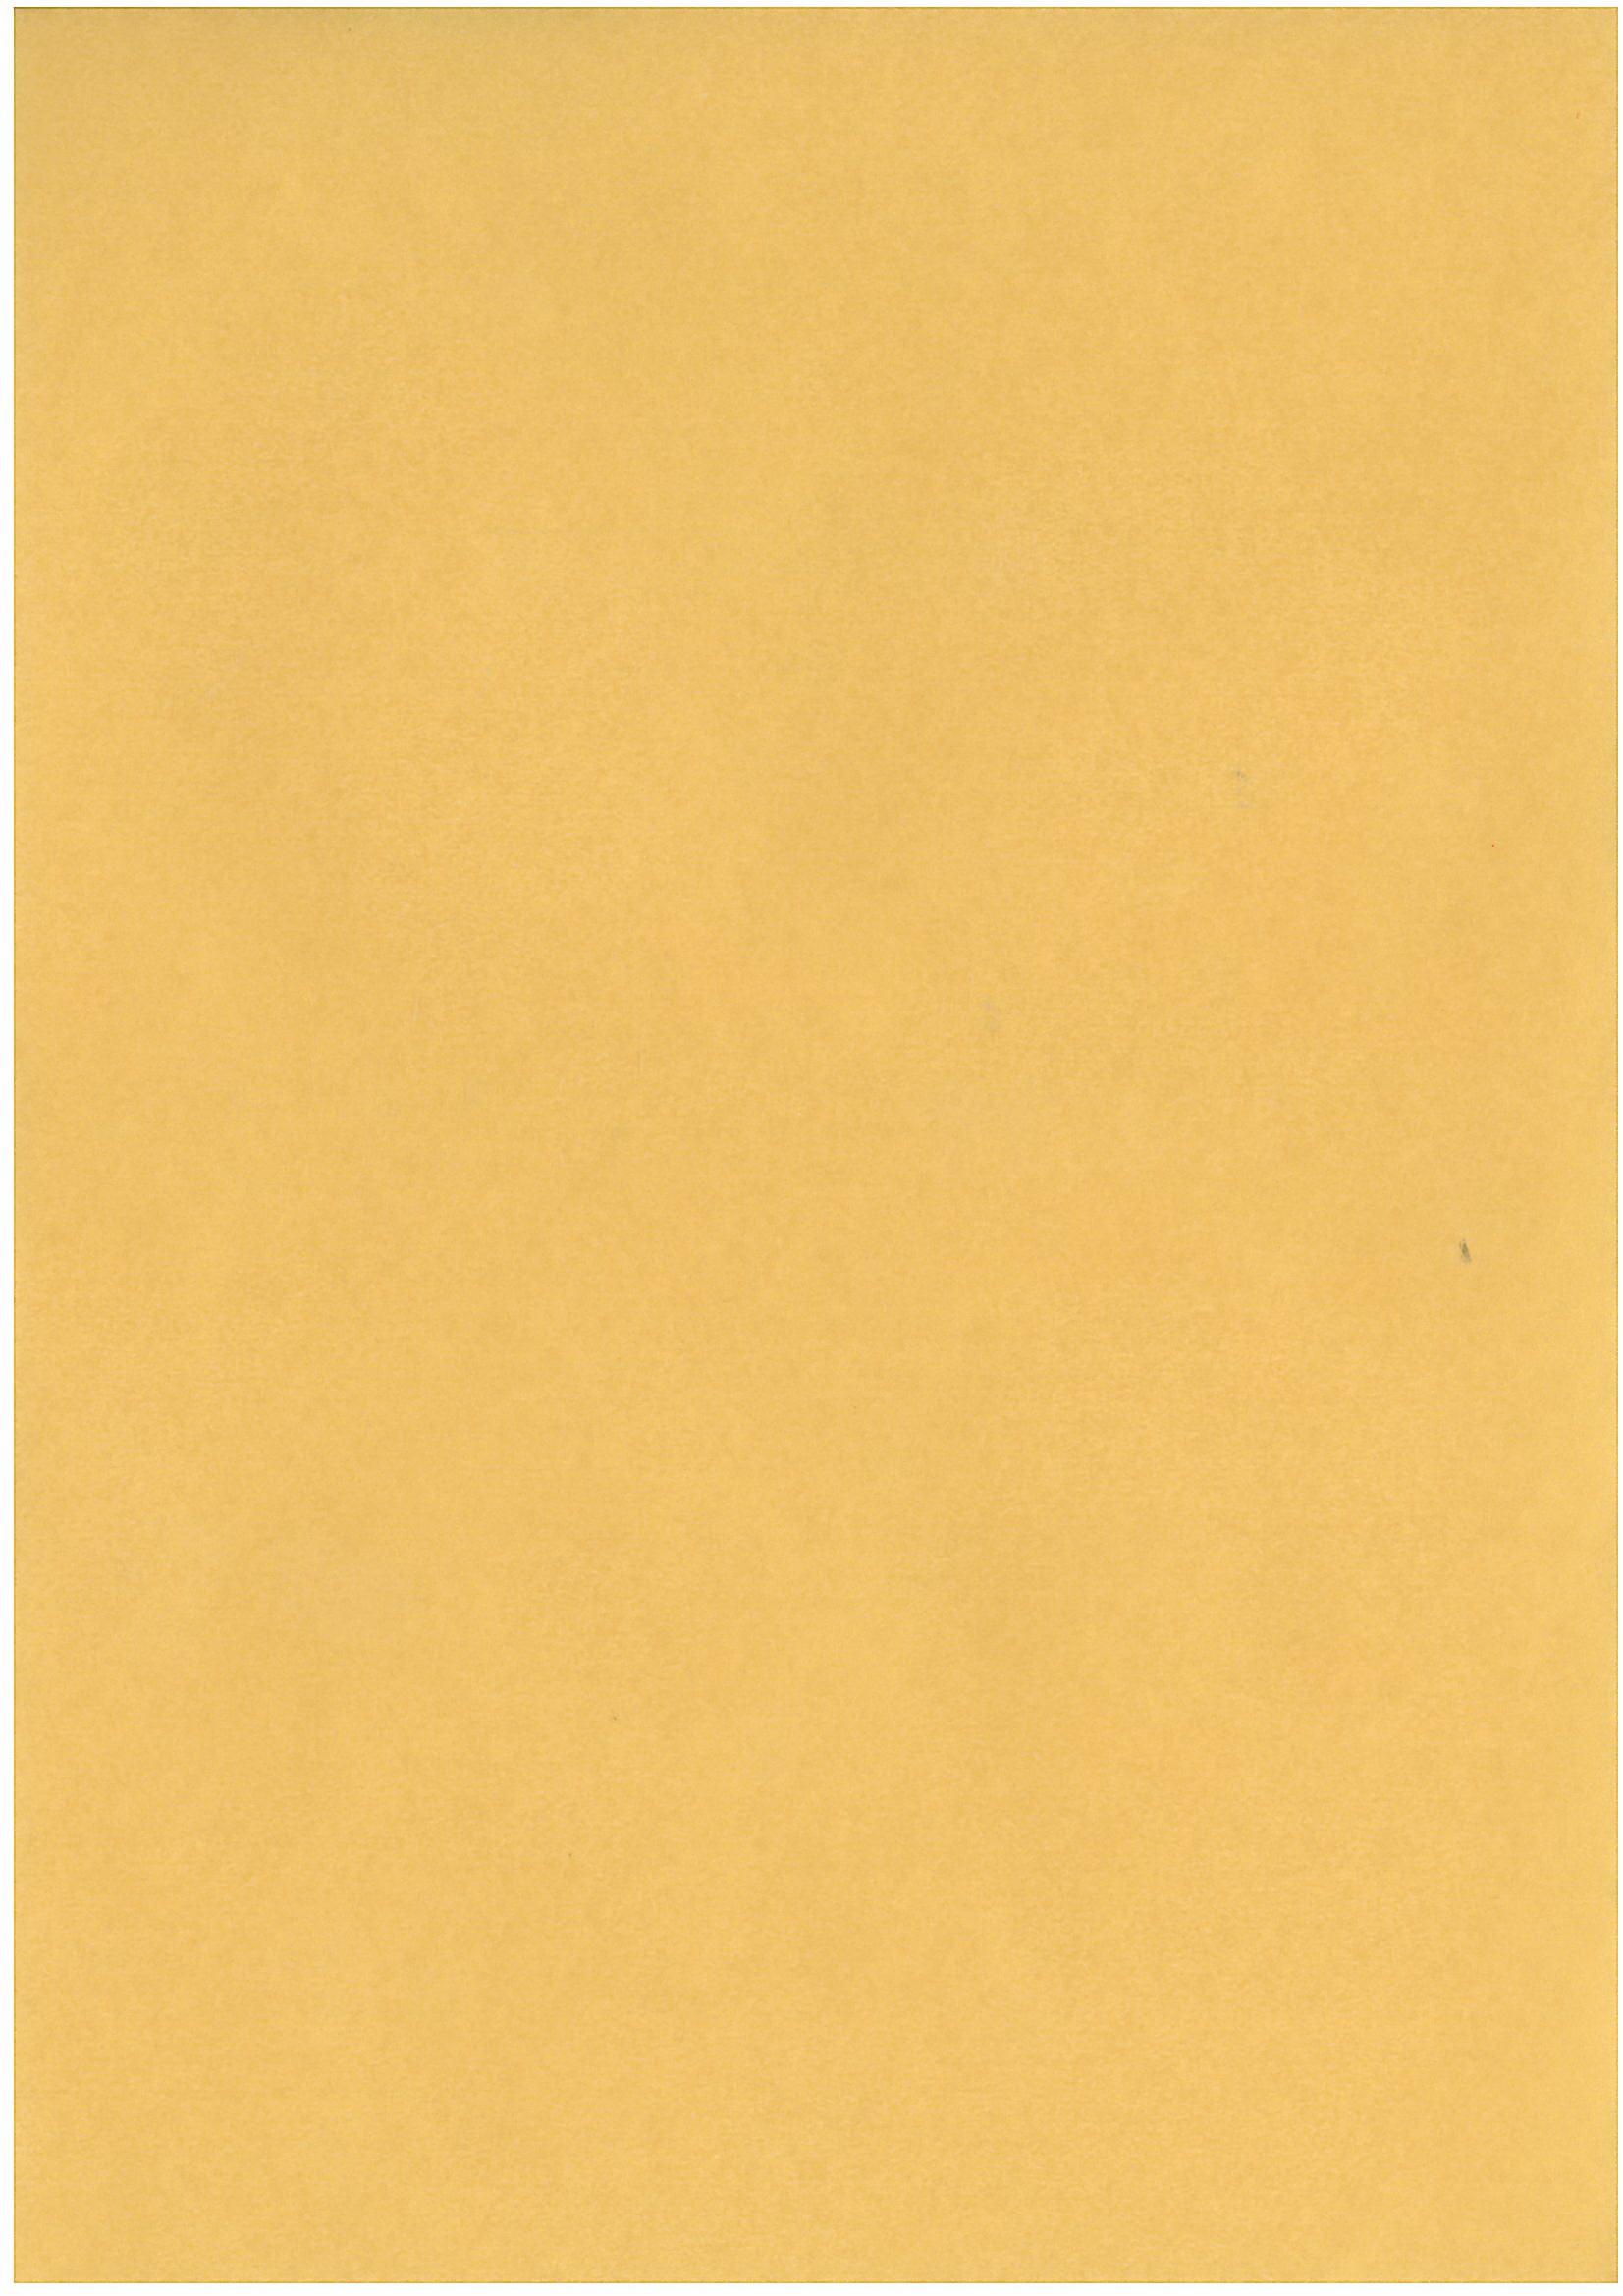 papier calque a4 or clairefontaine 100 gr mille et une feuilles. Black Bedroom Furniture Sets. Home Design Ideas